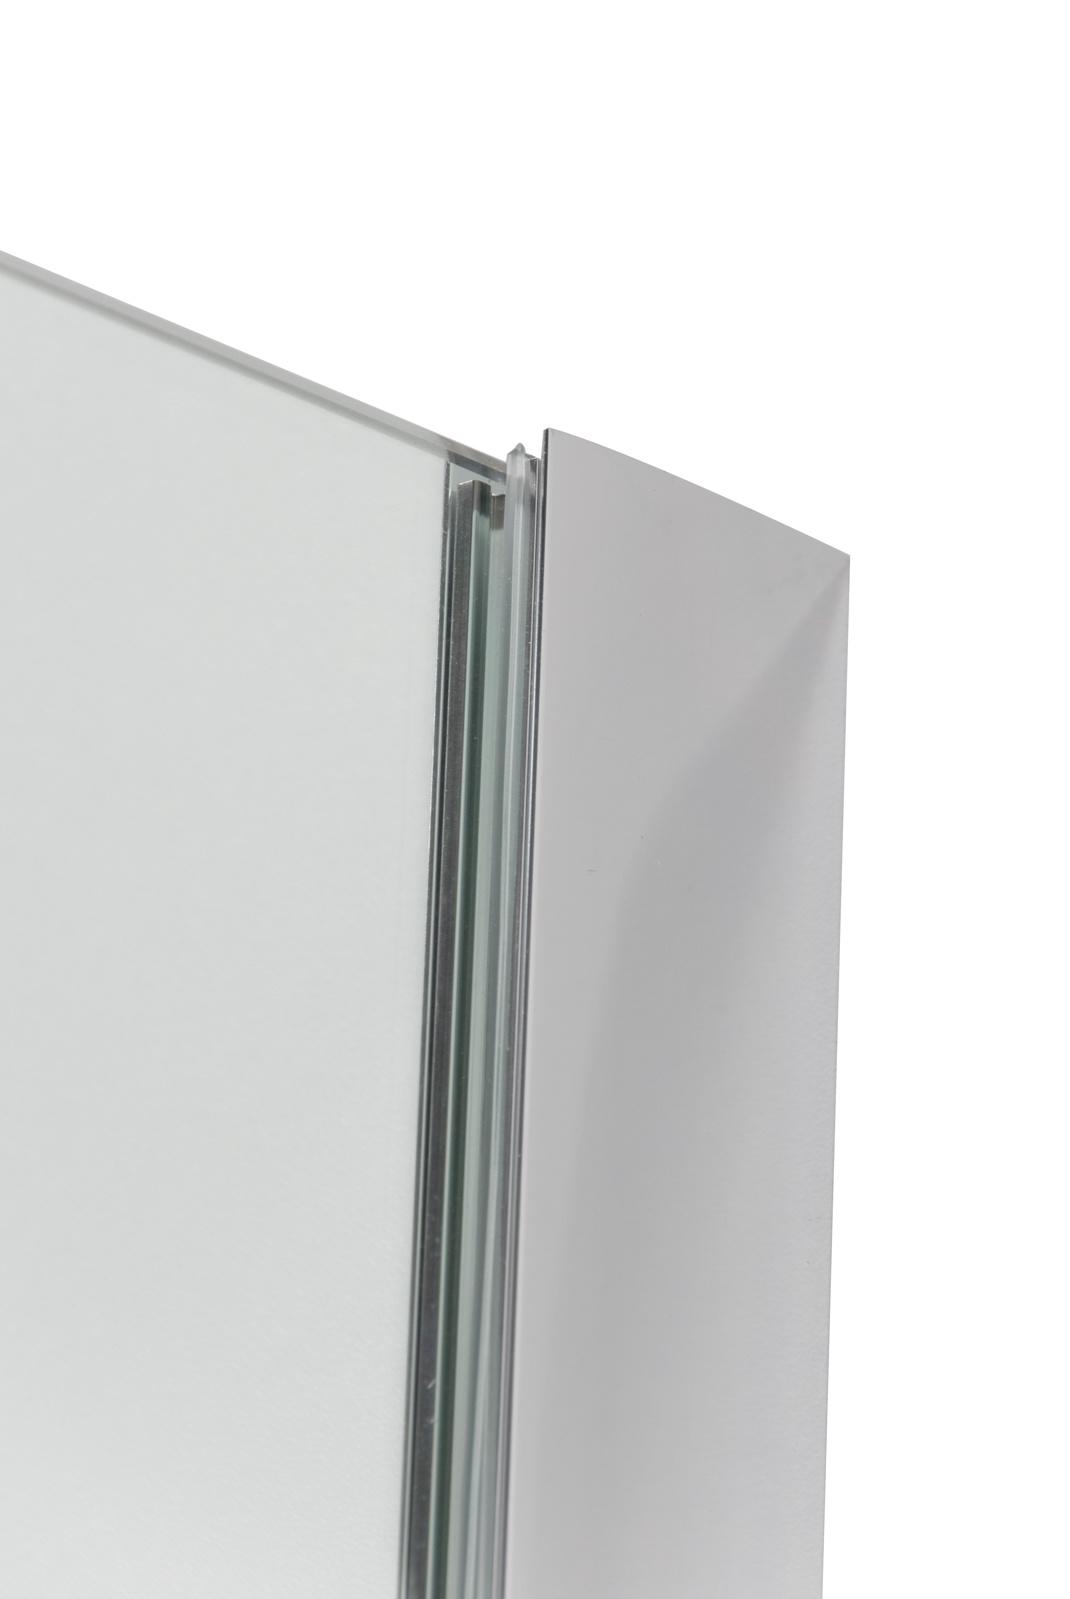 Linea Uno Muurprofiel 200 cm